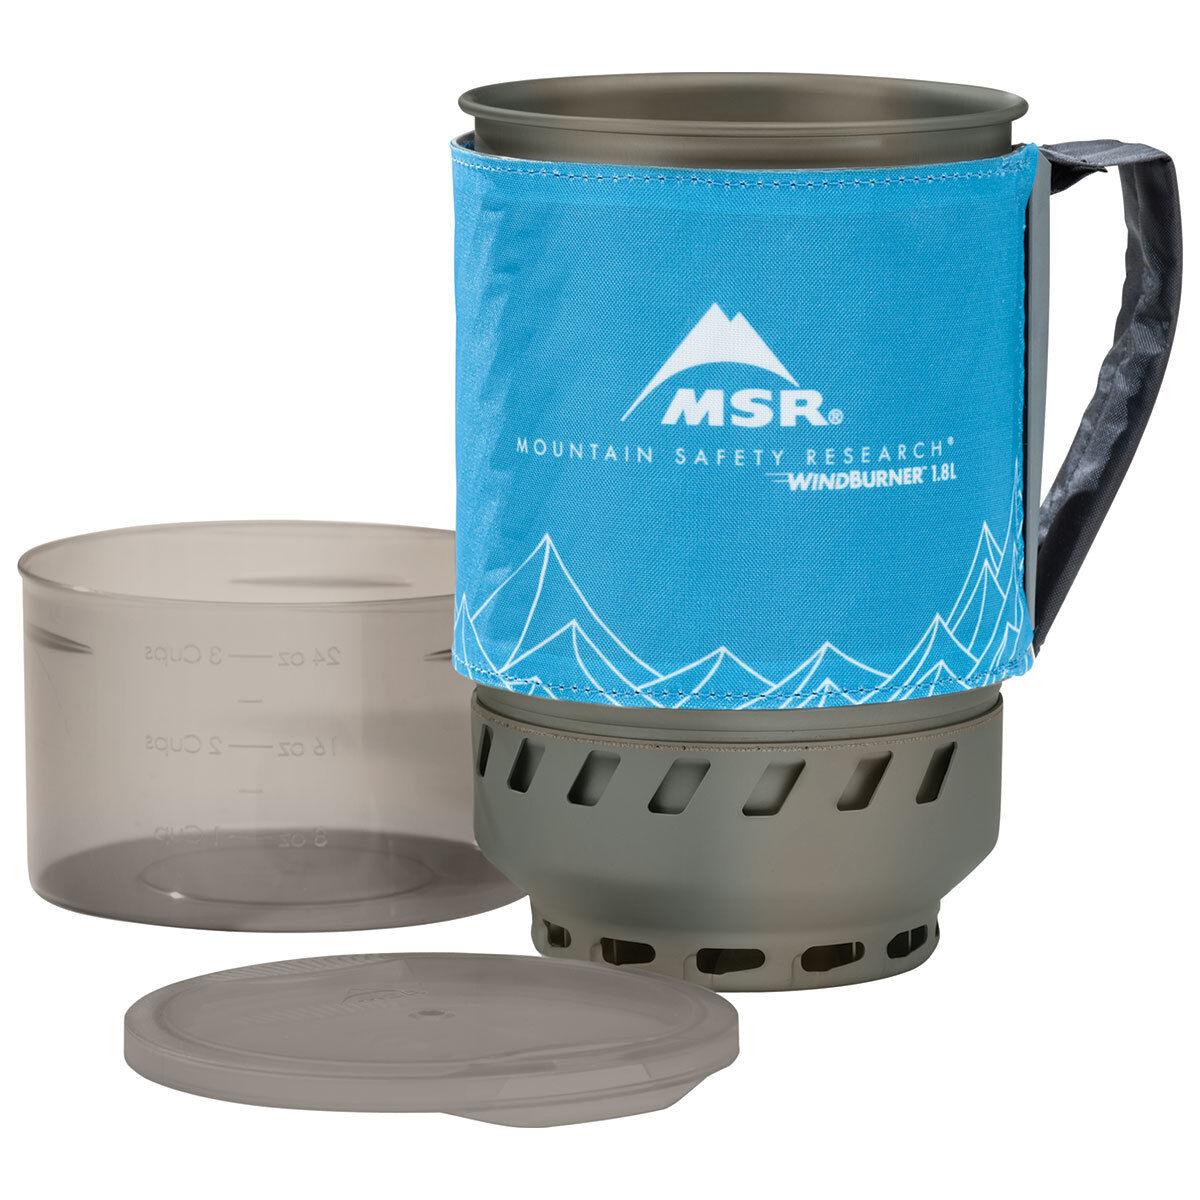 MSR 1.8L WindBurner Duo Accessory Pot